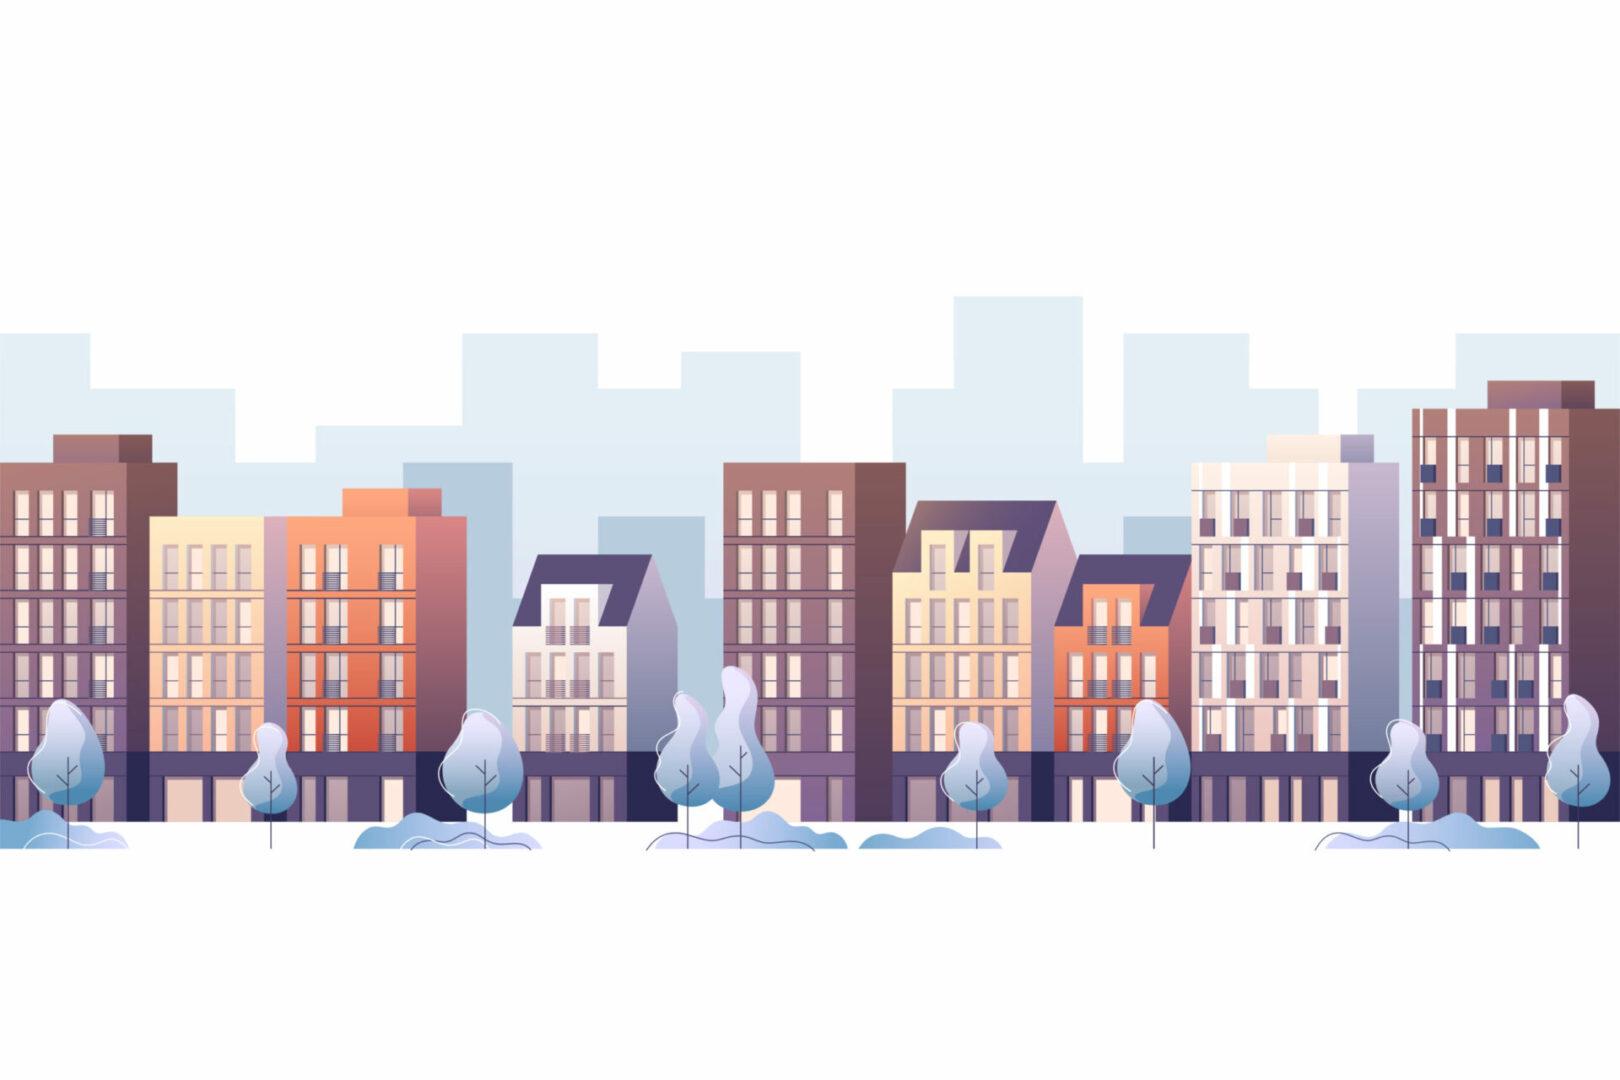 Apartamento Minha Casa Minha Vida: por que a Direcional é a melhor escolha? Riva Incorporadora